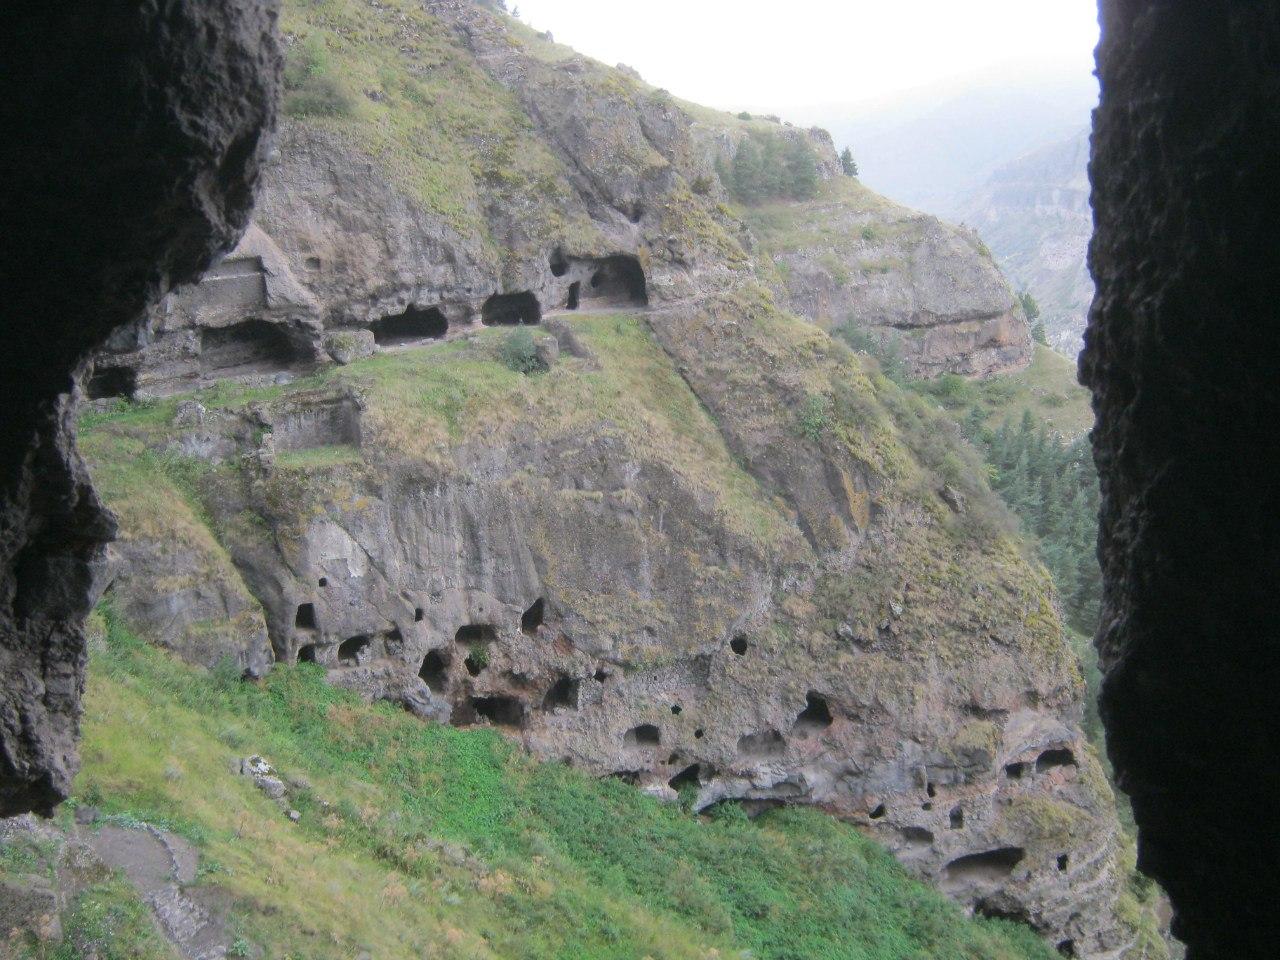 в пещерном монастыре Ванис Квабеби